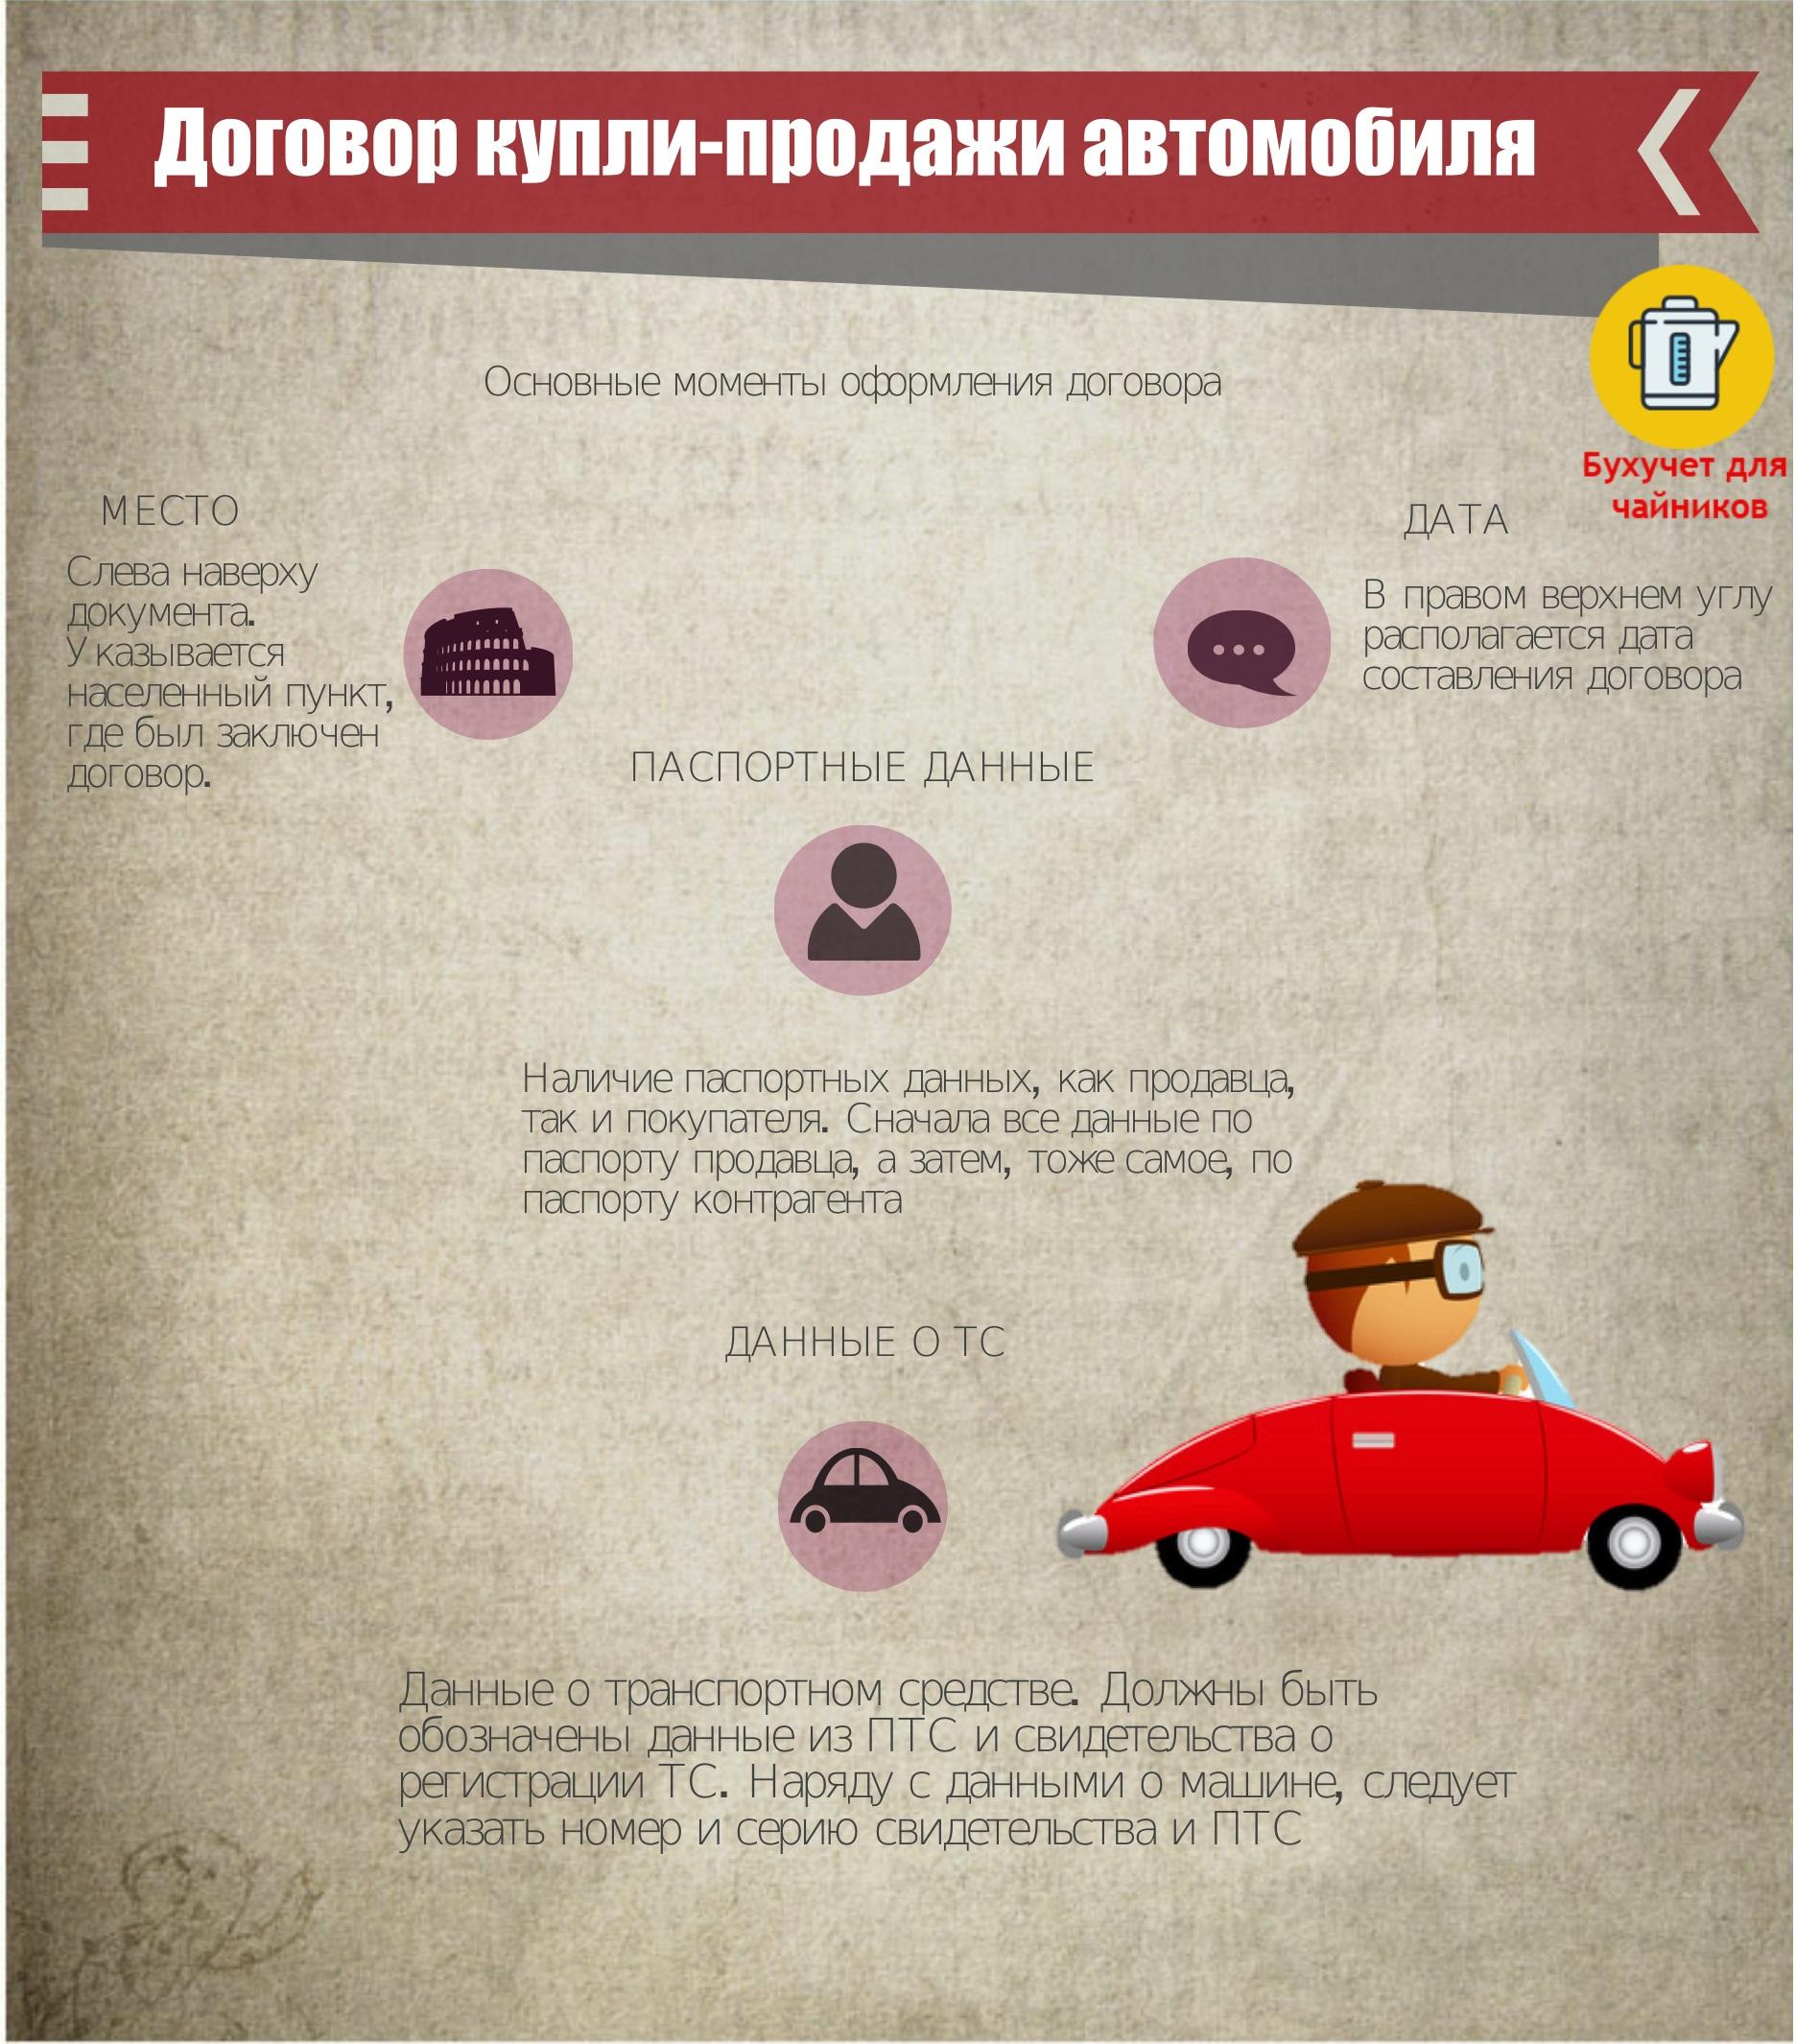 Юридический договор купли продажи автомобиля